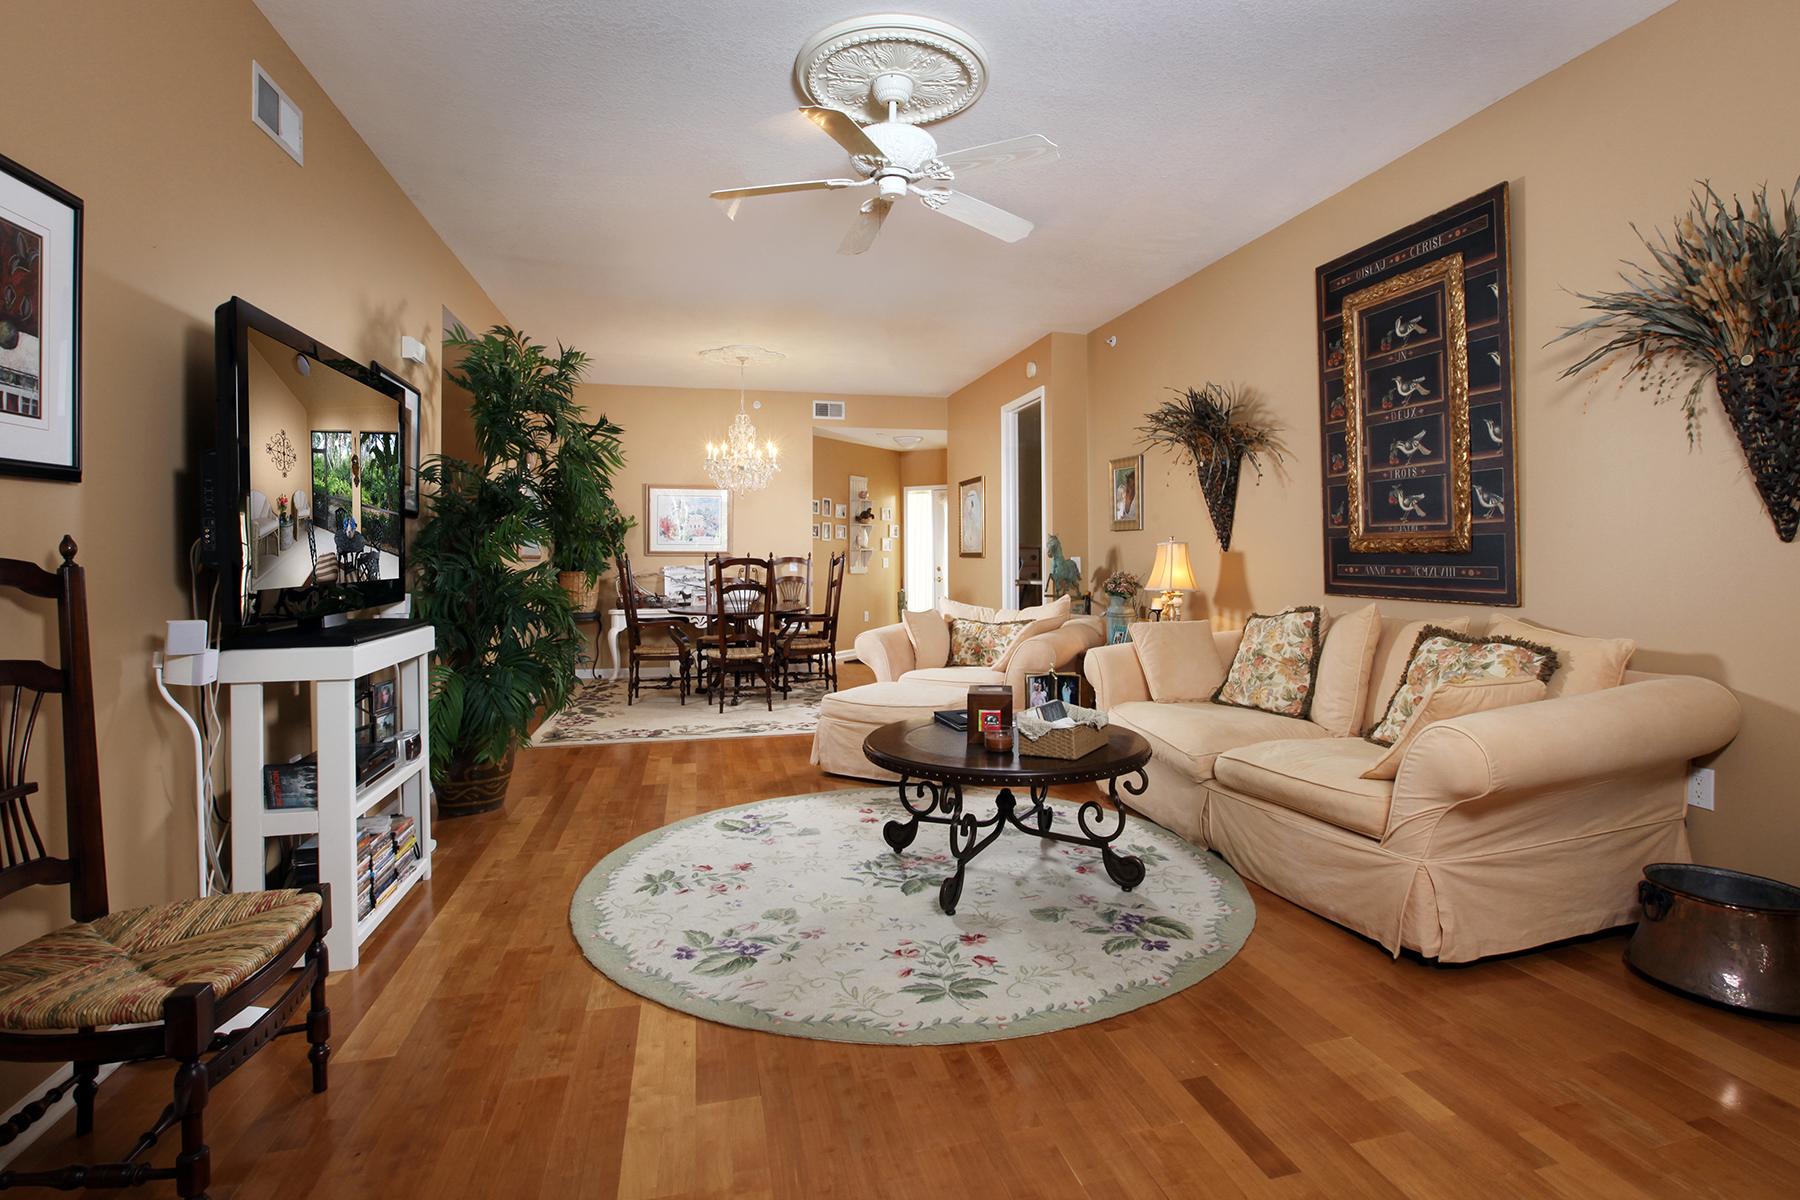 Eigentumswohnung für Verkauf beim FIDDLERS CREEK 3975 Deer Crossing Ct 102 Naples, Florida, 34114 Vereinigte Staaten